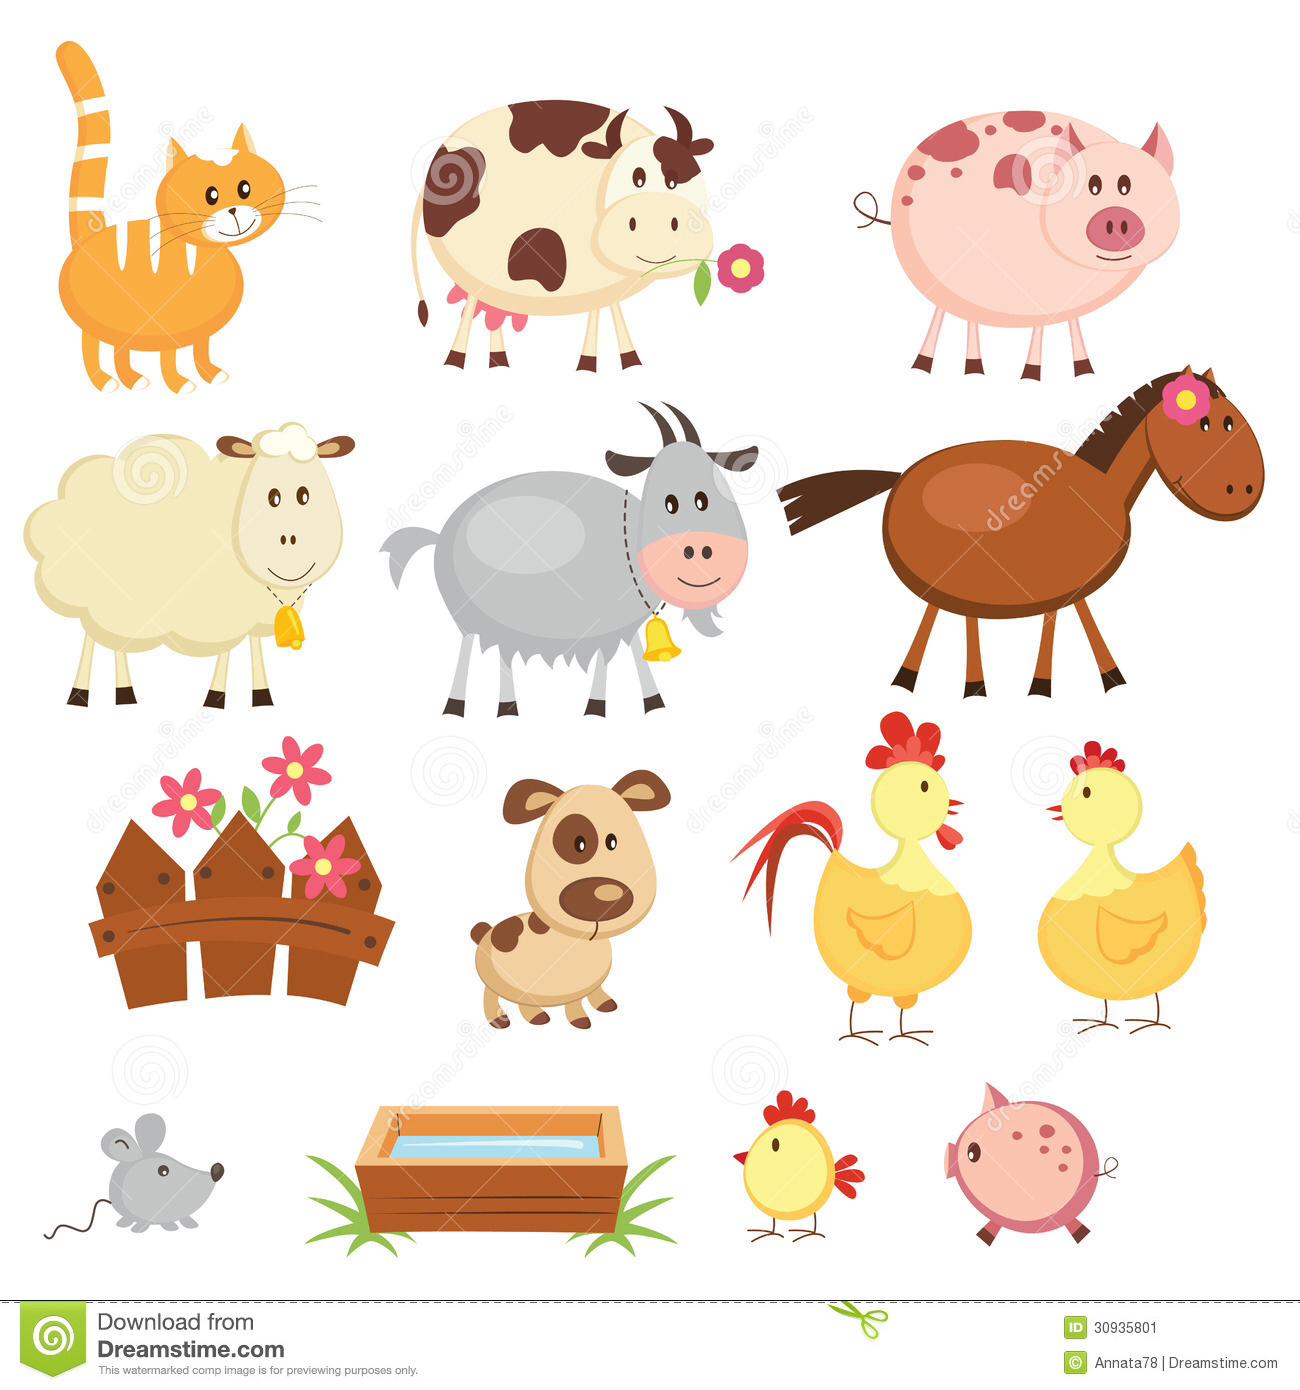 Animal clipart printable Clipart Animal Farm animal Farm